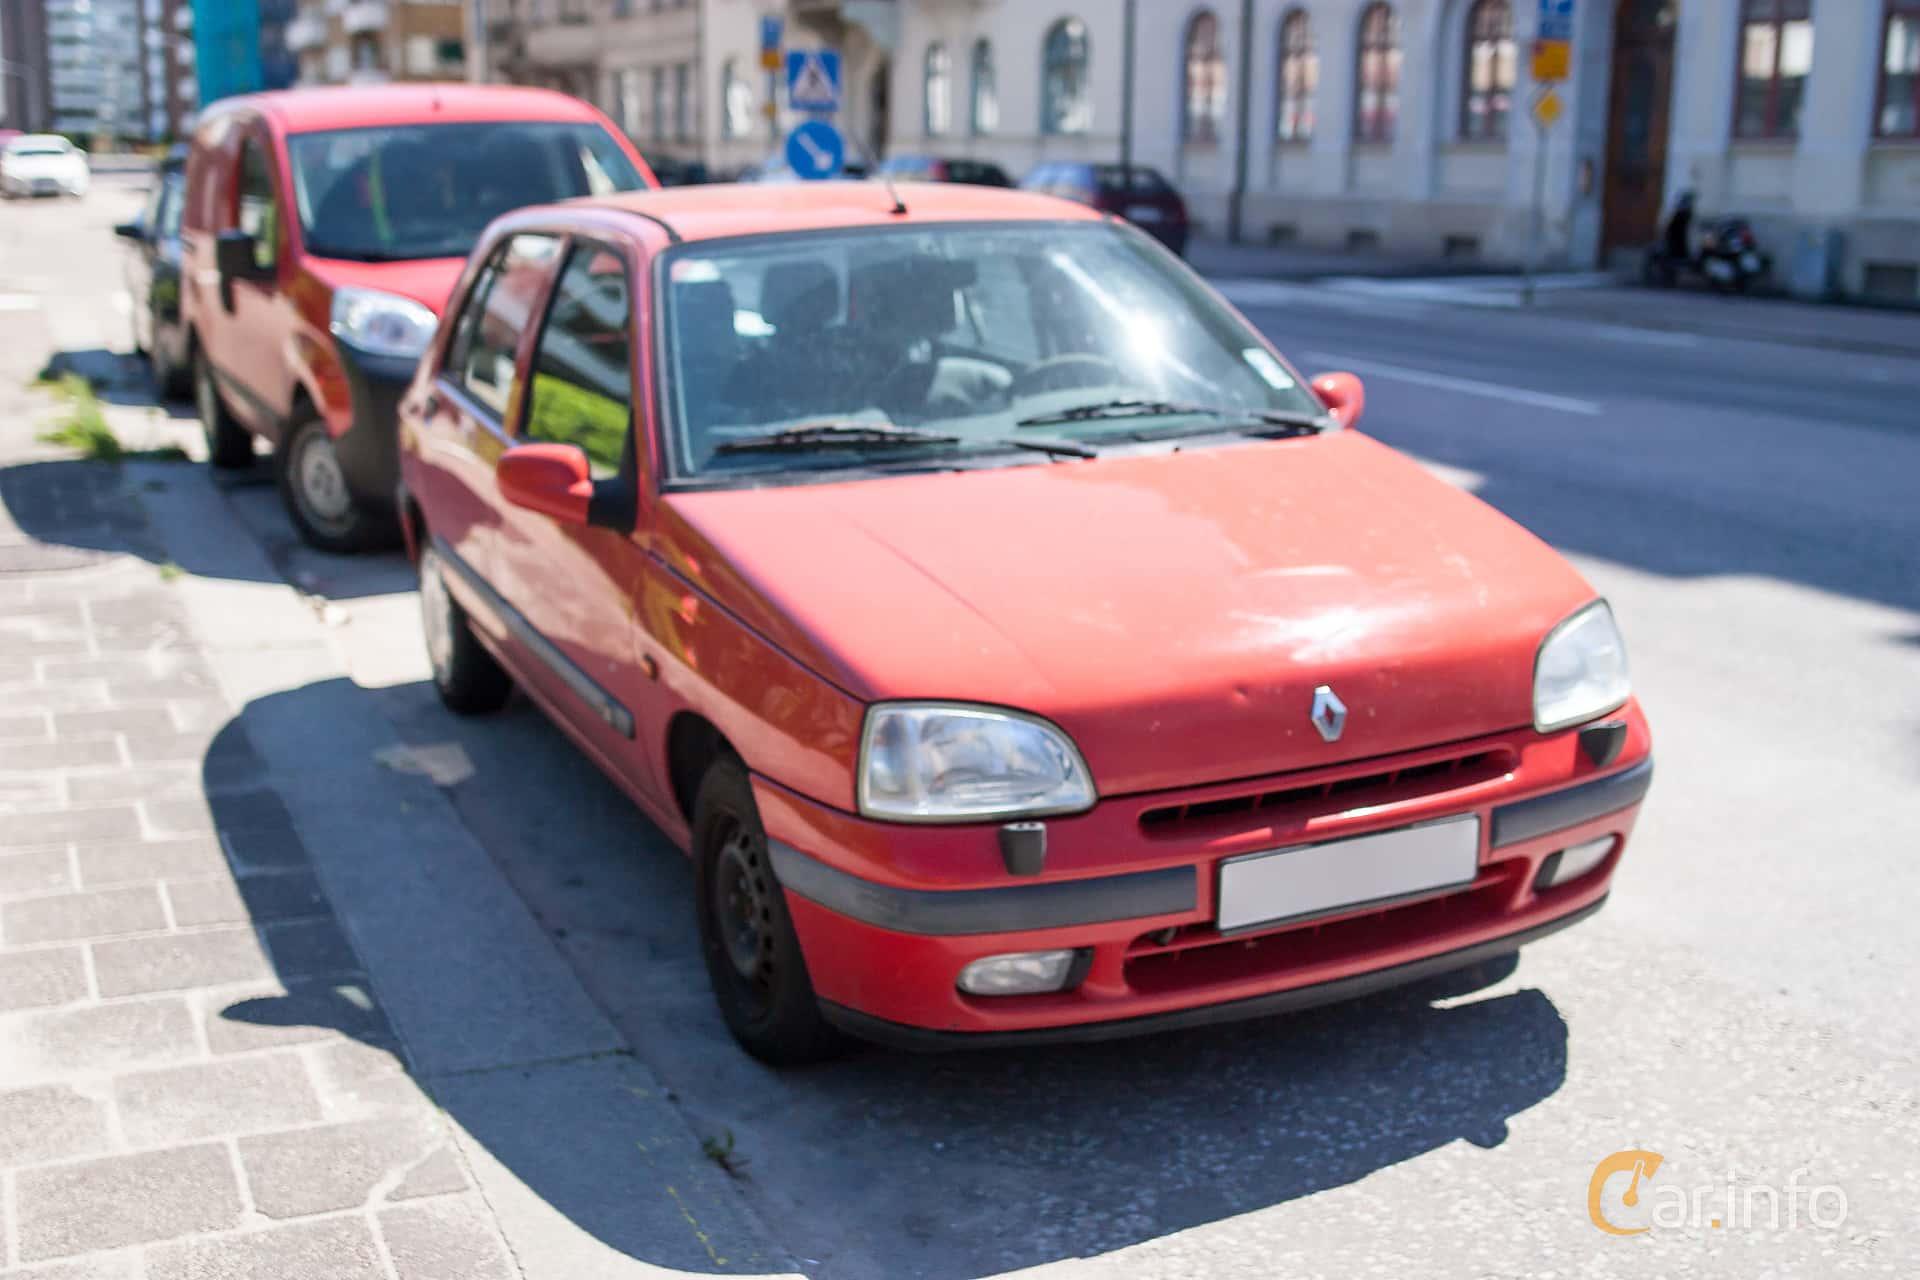 Front/Side of Renault Clio 5-door Hatchback 1.4 Manual, 75ps, 1997